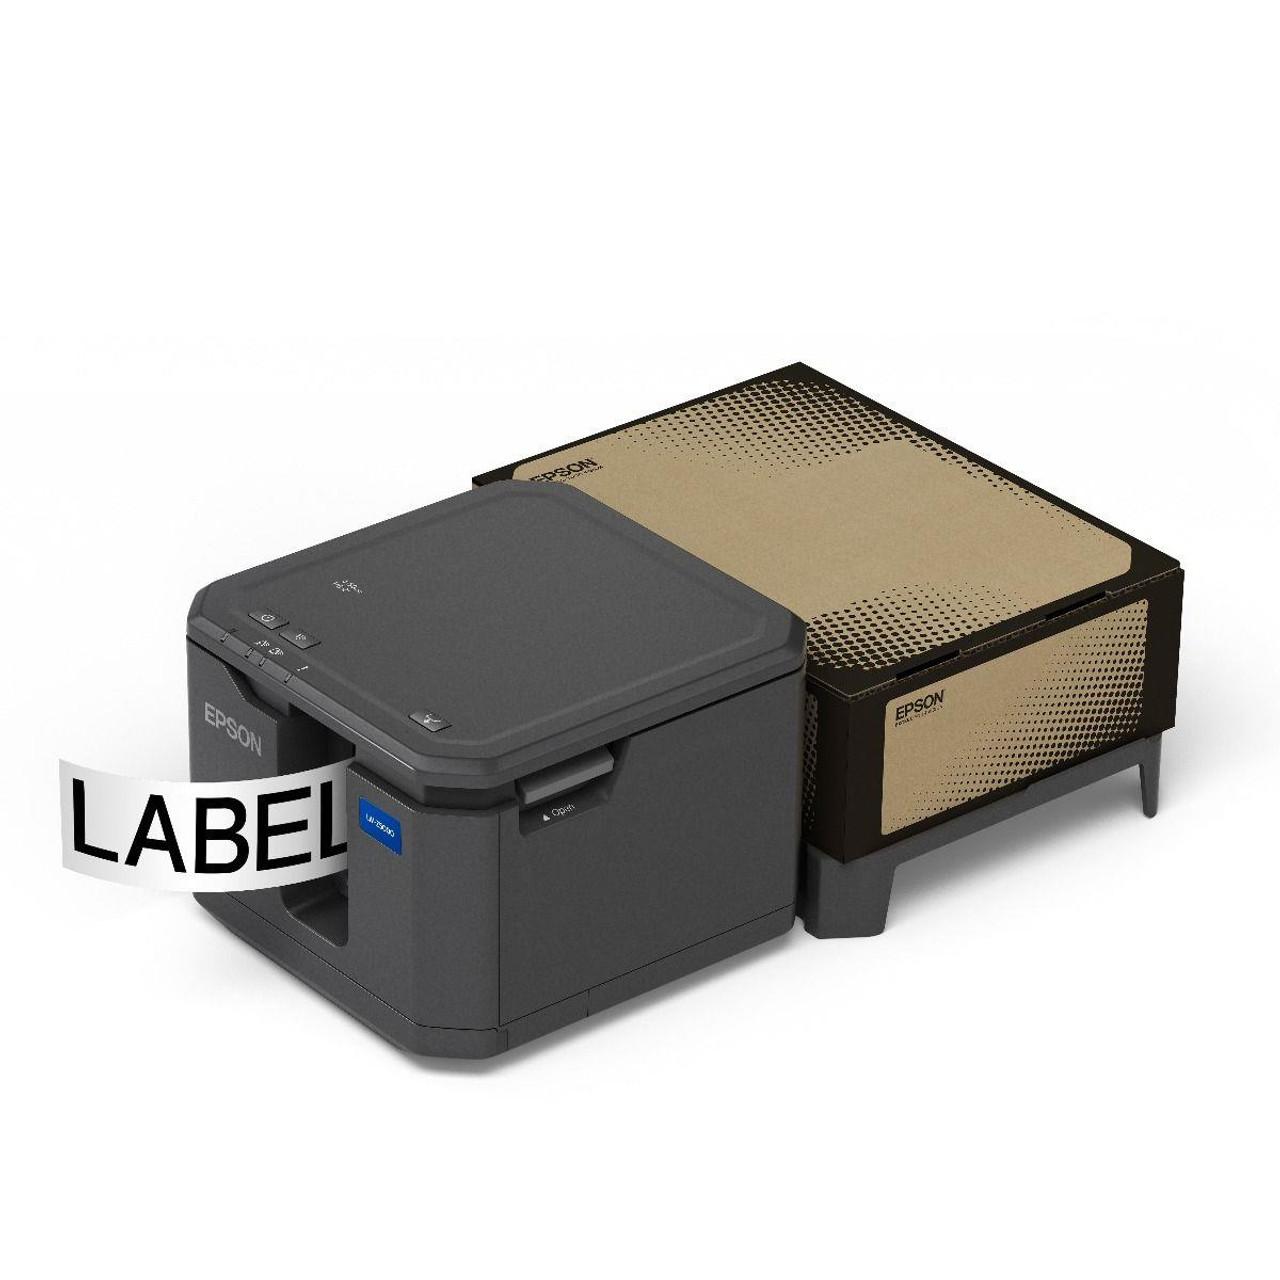 Epson/K-Sun LW-Z5000PX STANDARD KIT WITHOUT REWINDER